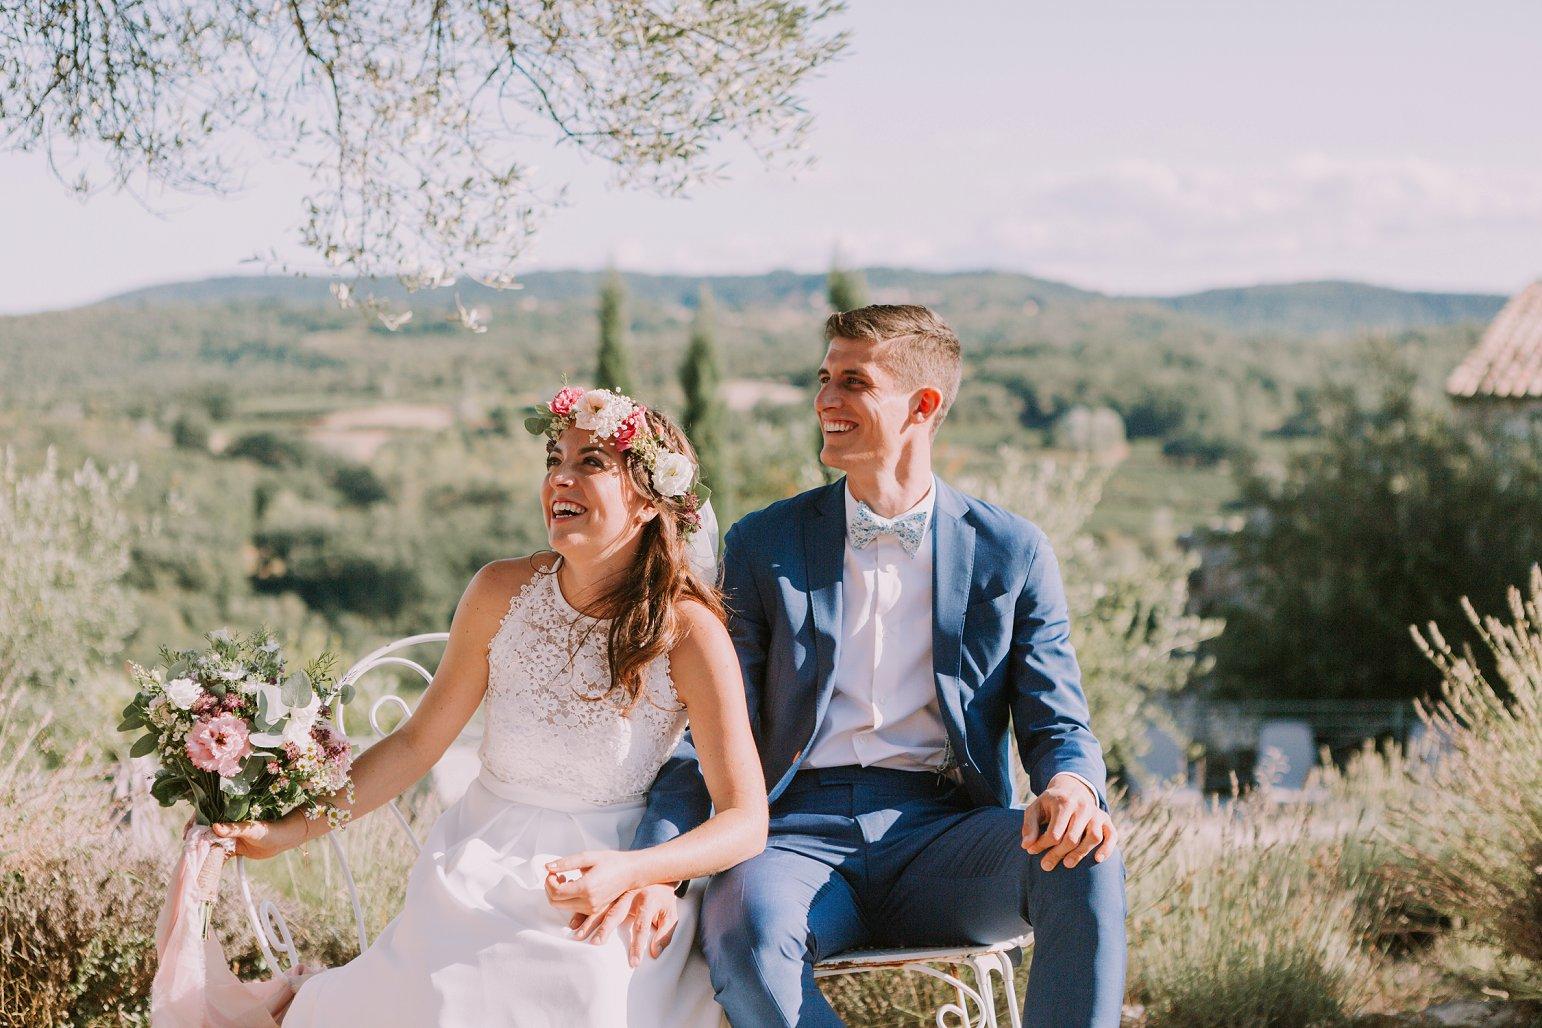 kateryna-photos-mariage-wedding-france-ardeche-domaine-clos-hullias-Saint-Christol-de-Rodière-gard-cevennes_0198.jpg